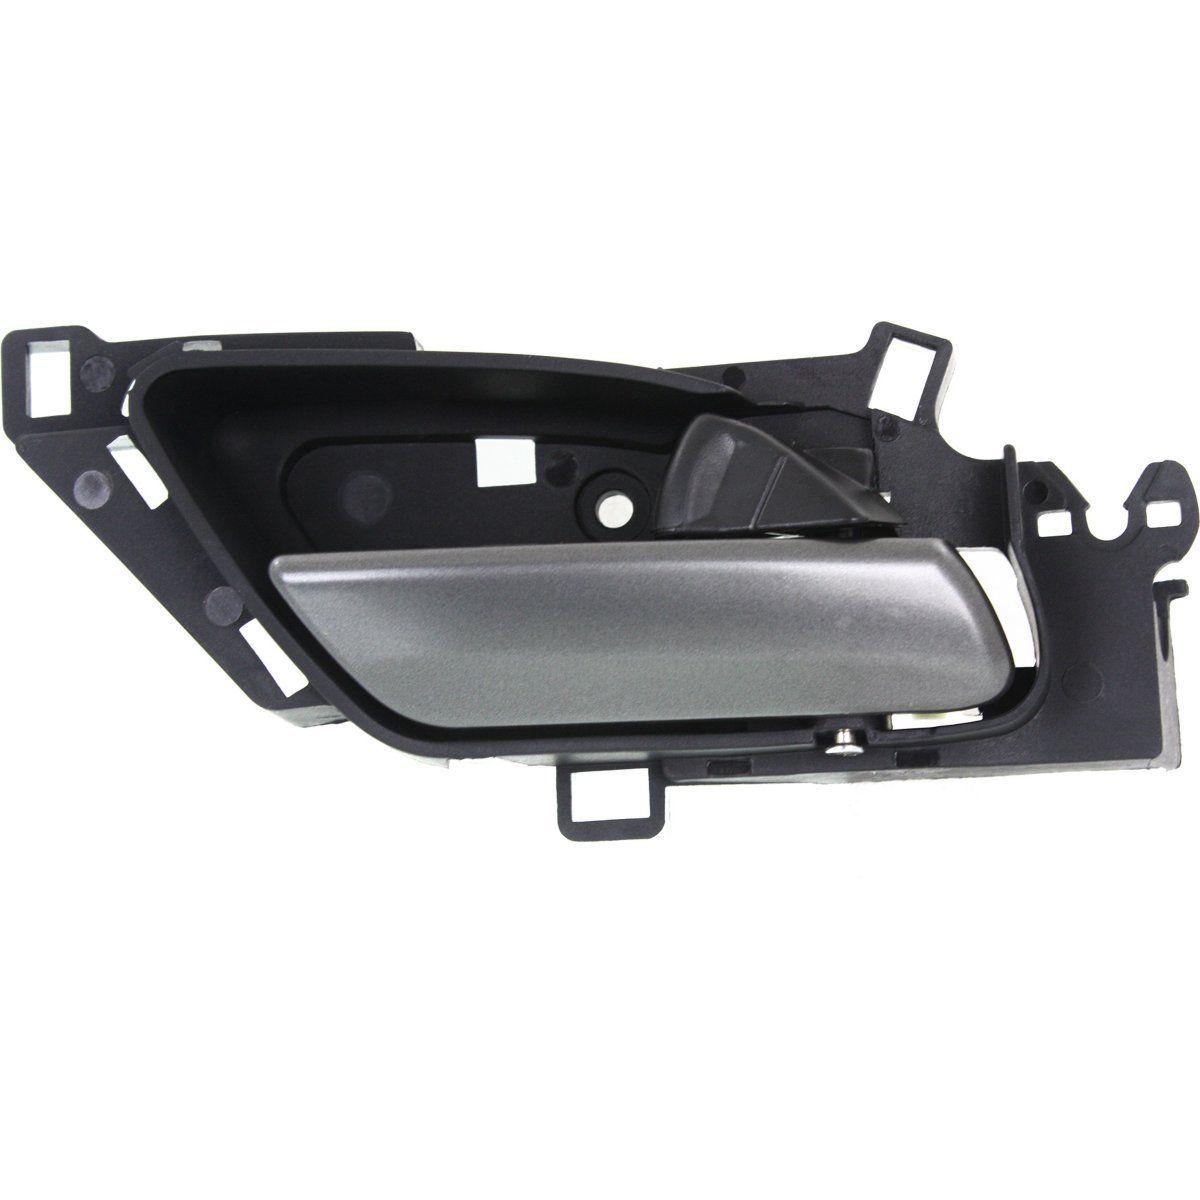 Interior Door Handle For 2007-2013 Acura MDX Front RH